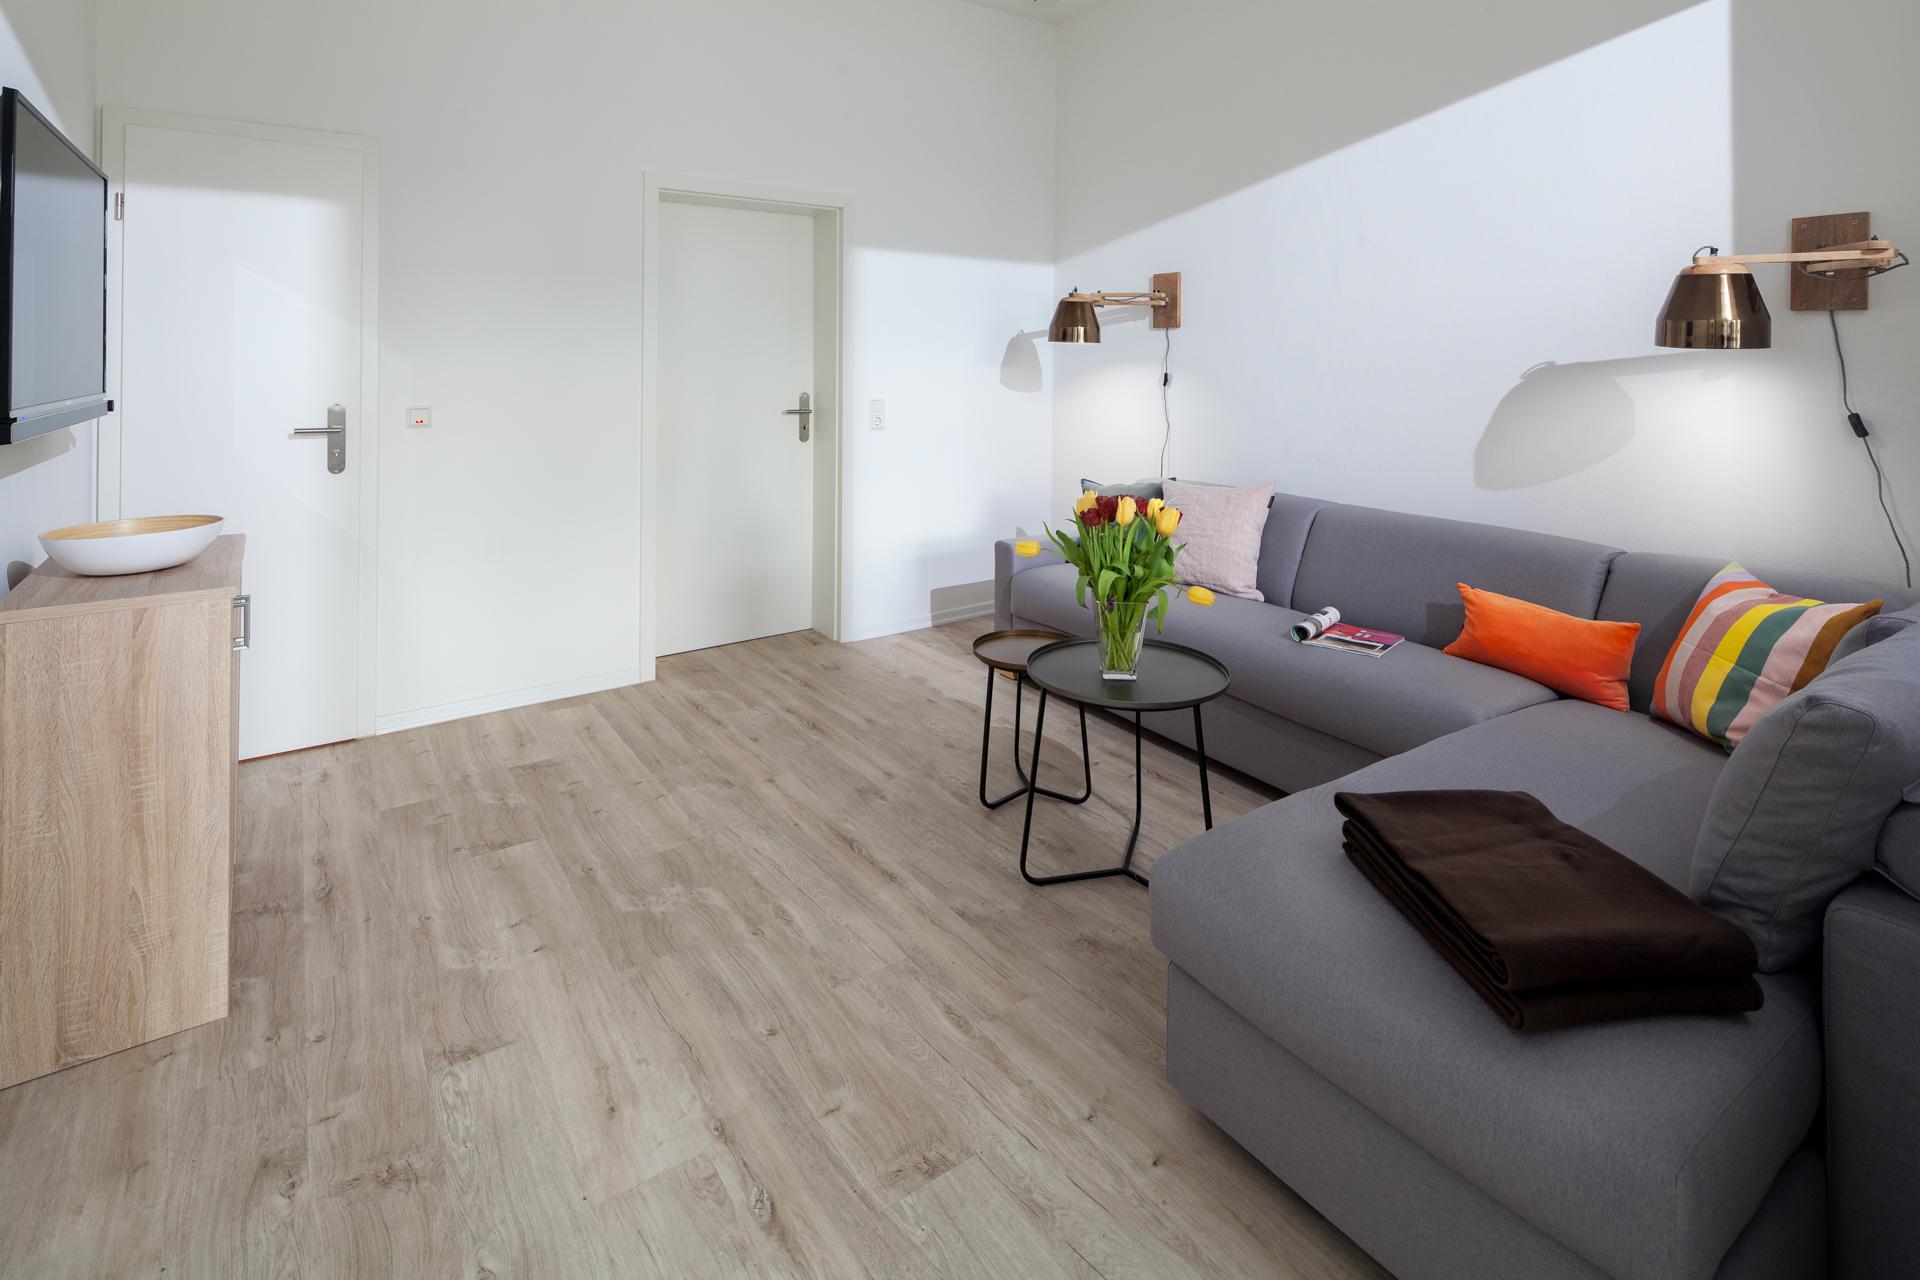 Lucia 1 Wohnraum sofa